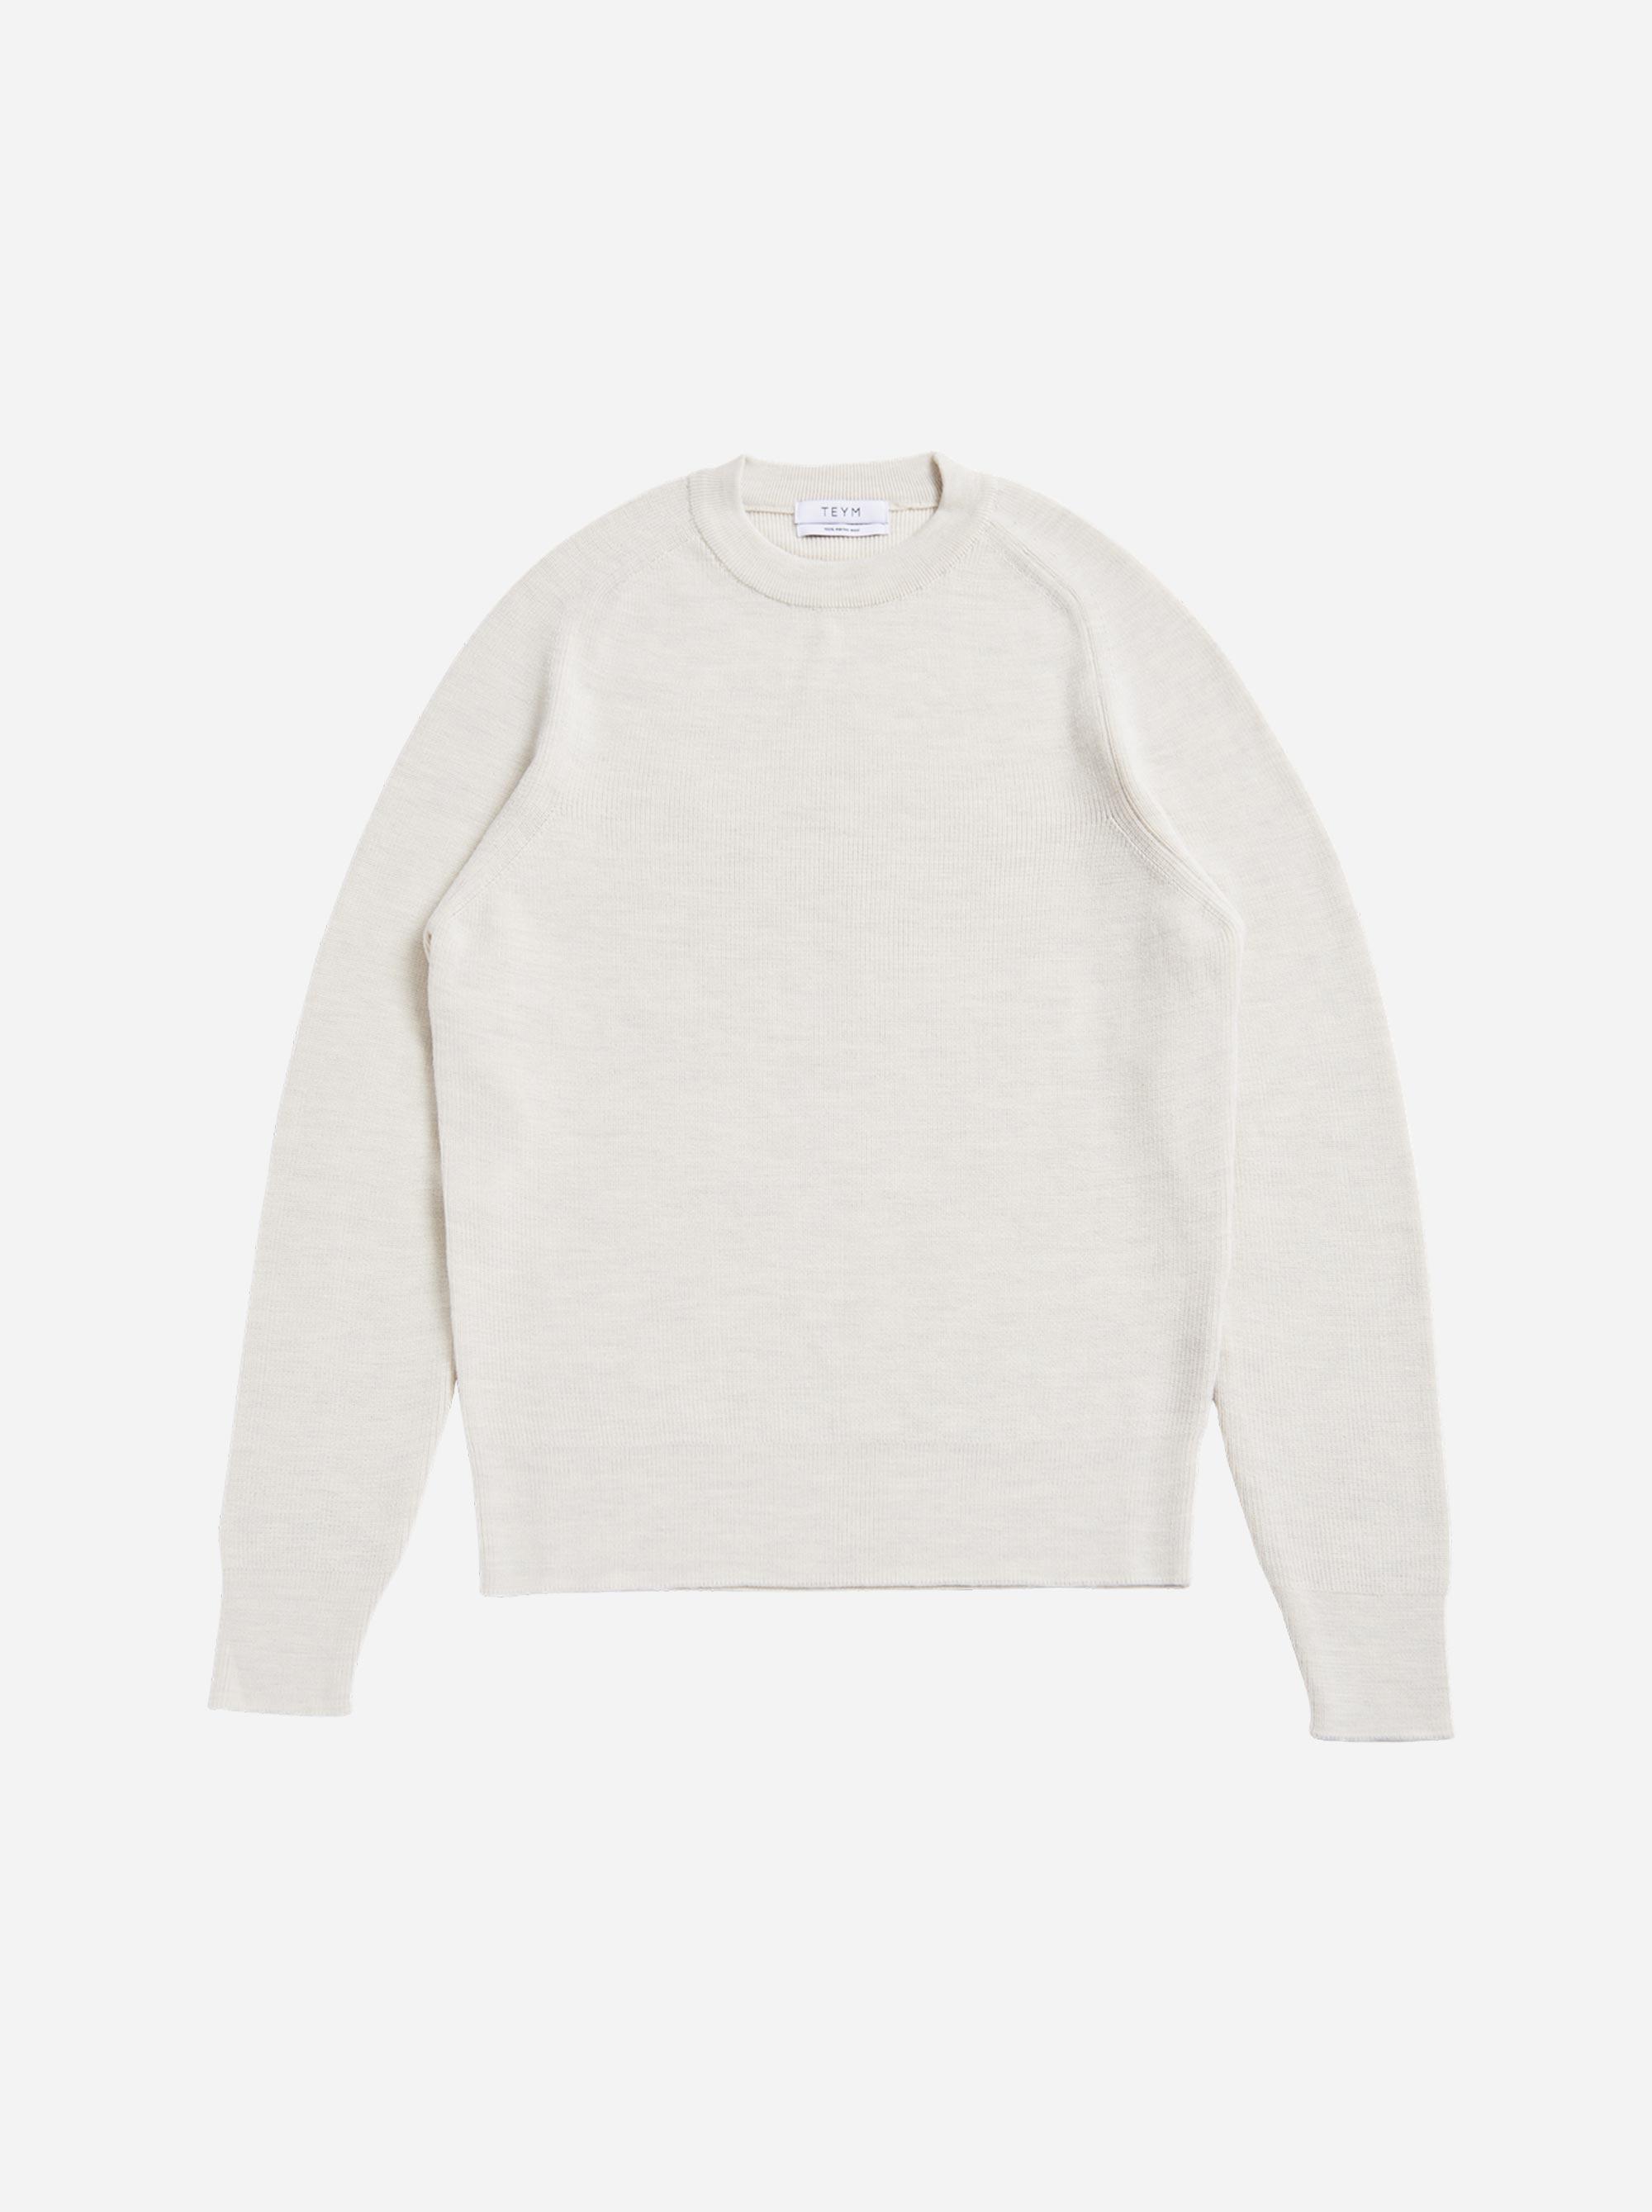 Teym - The Merino Sweater - Men - White - 5